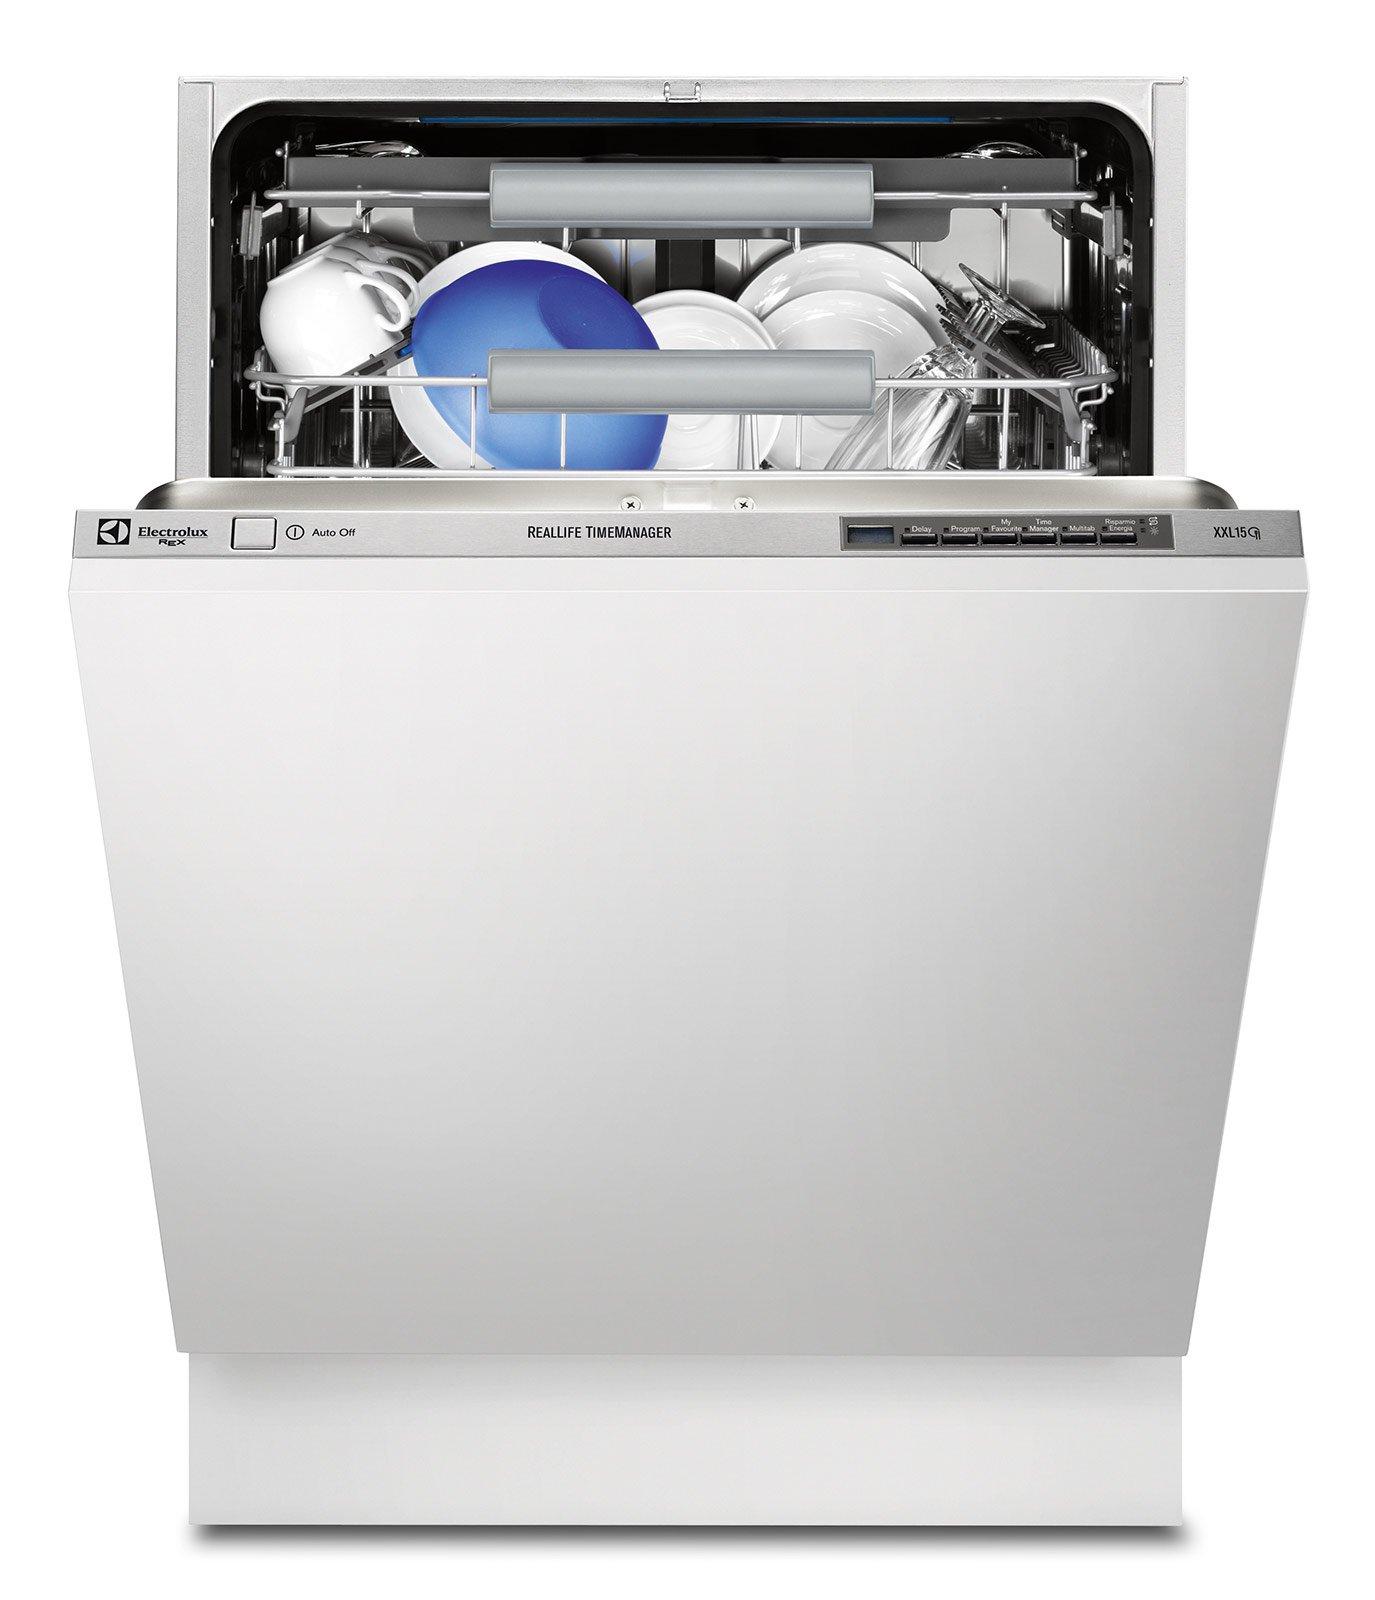 Fiera Milano FTK la lavastoviglie di grande capacit e